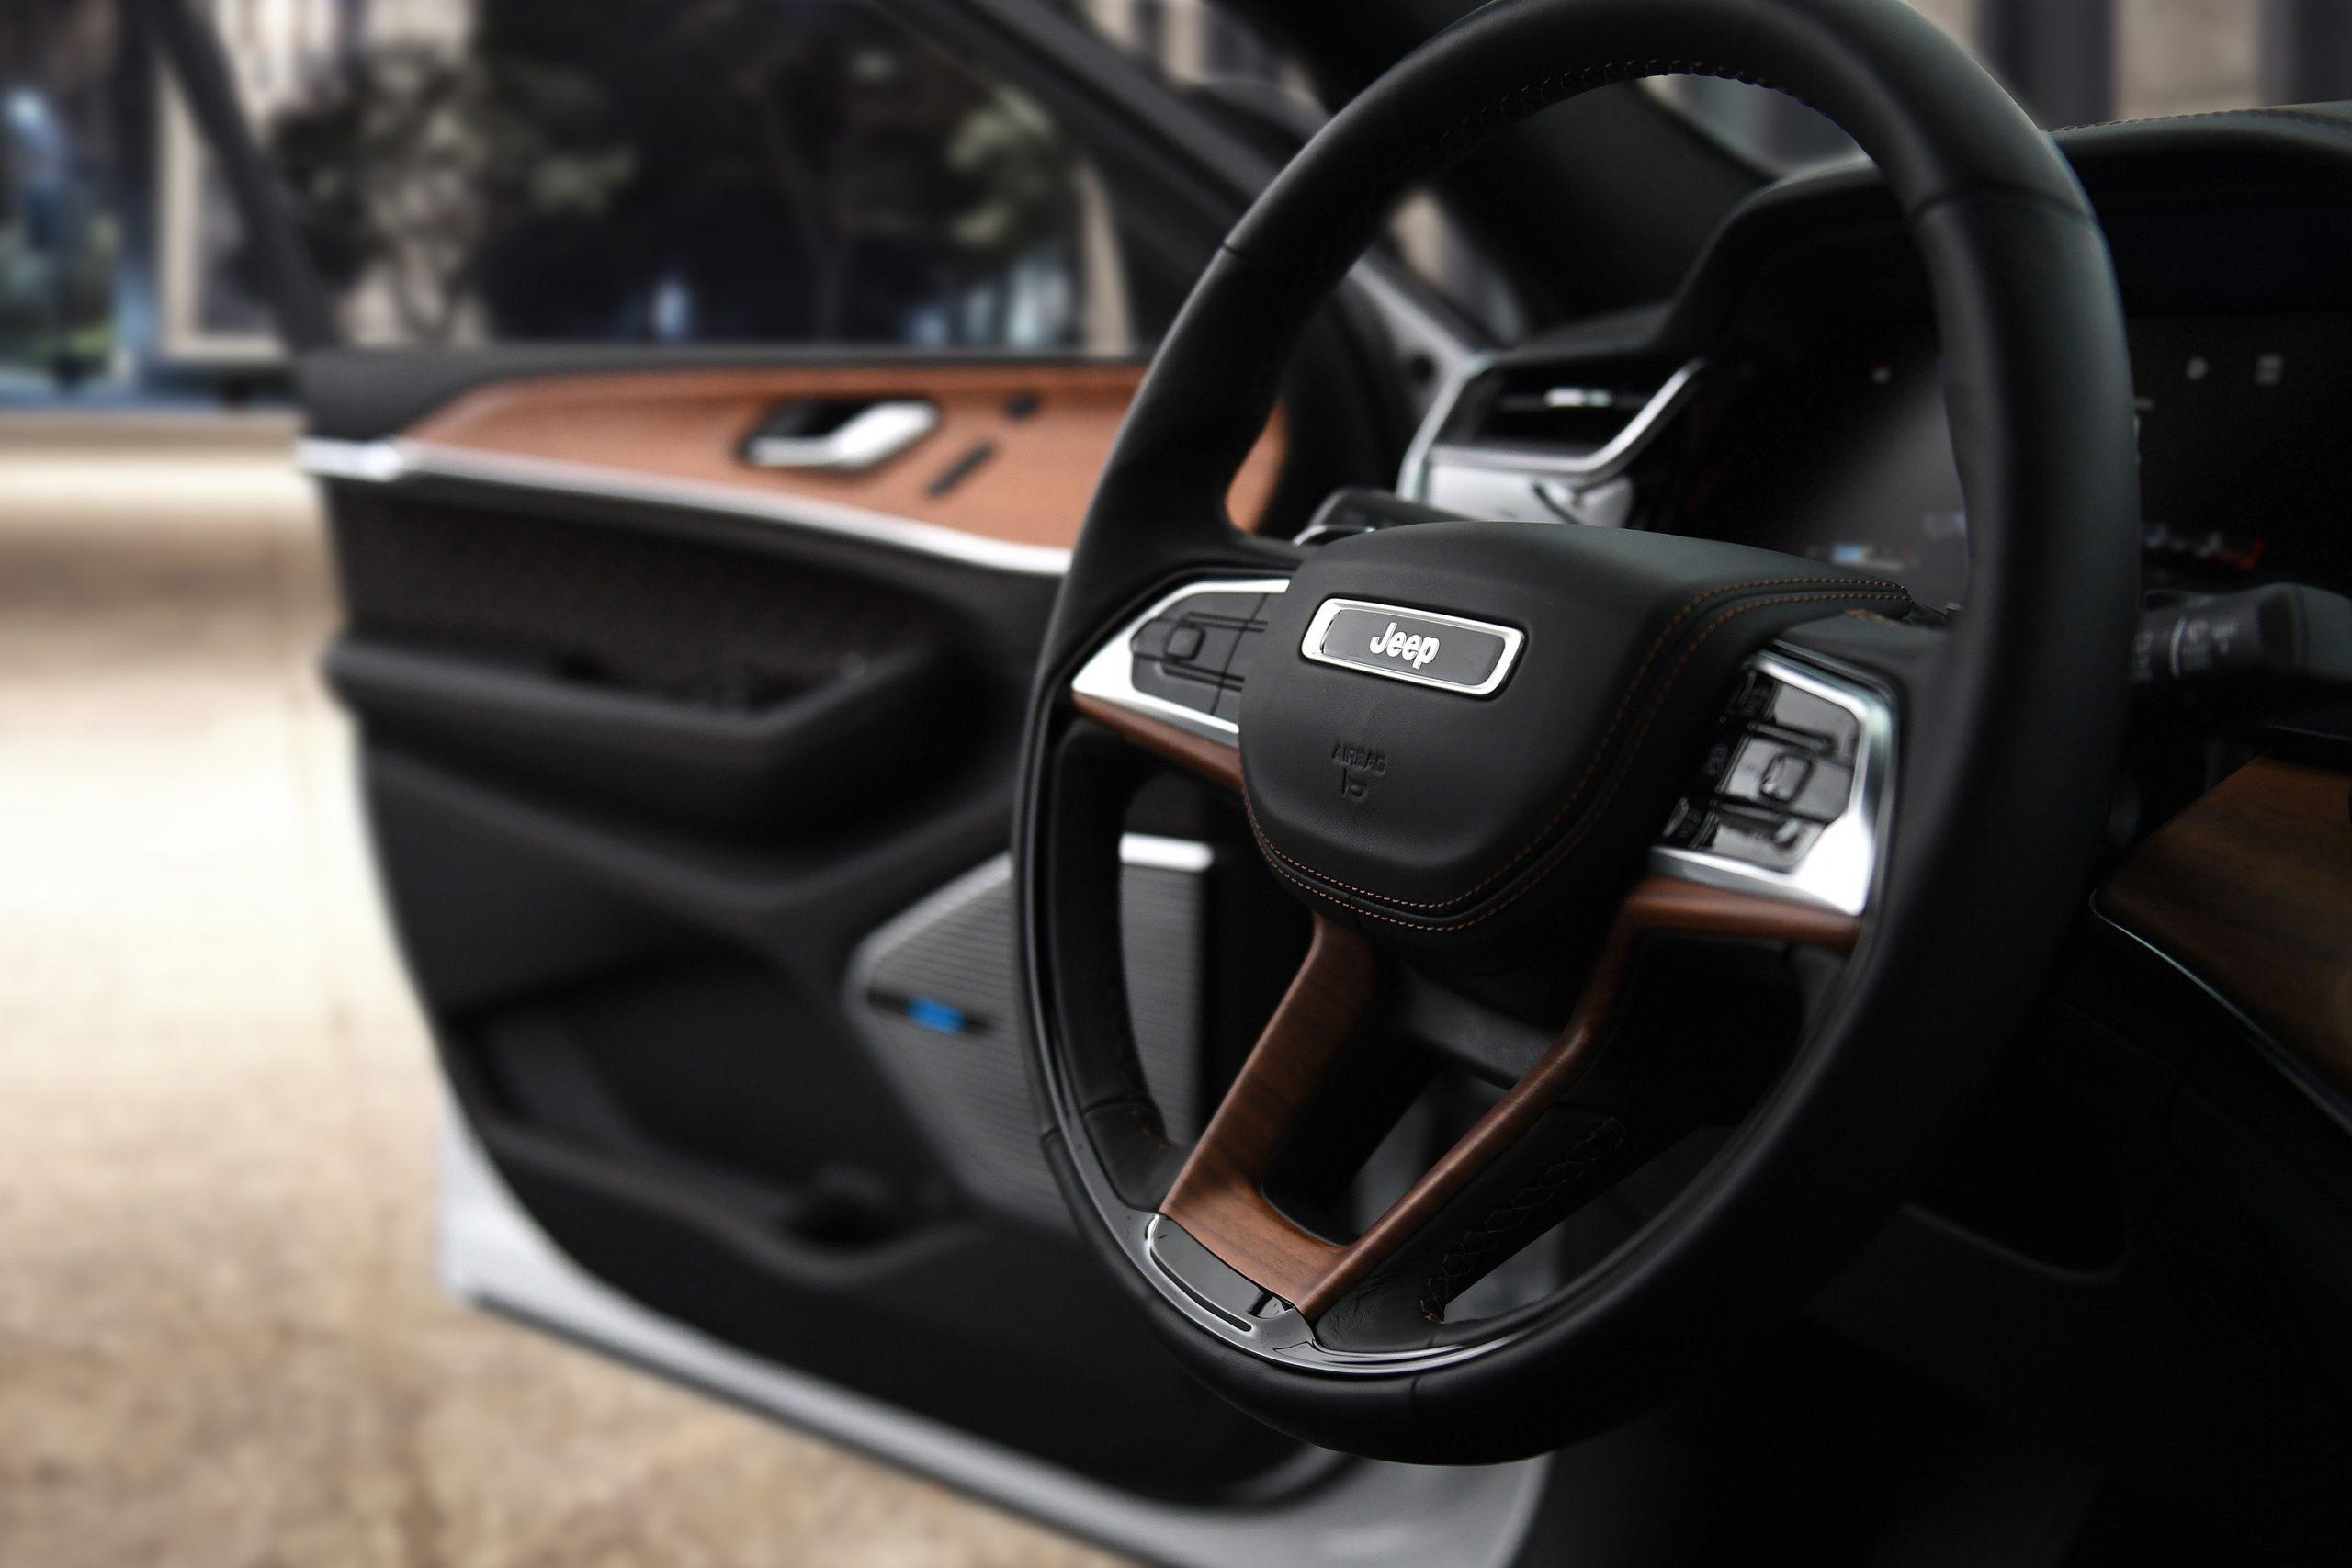 2022 Jeep Grand Cherokee Summit Reserve steering wheel